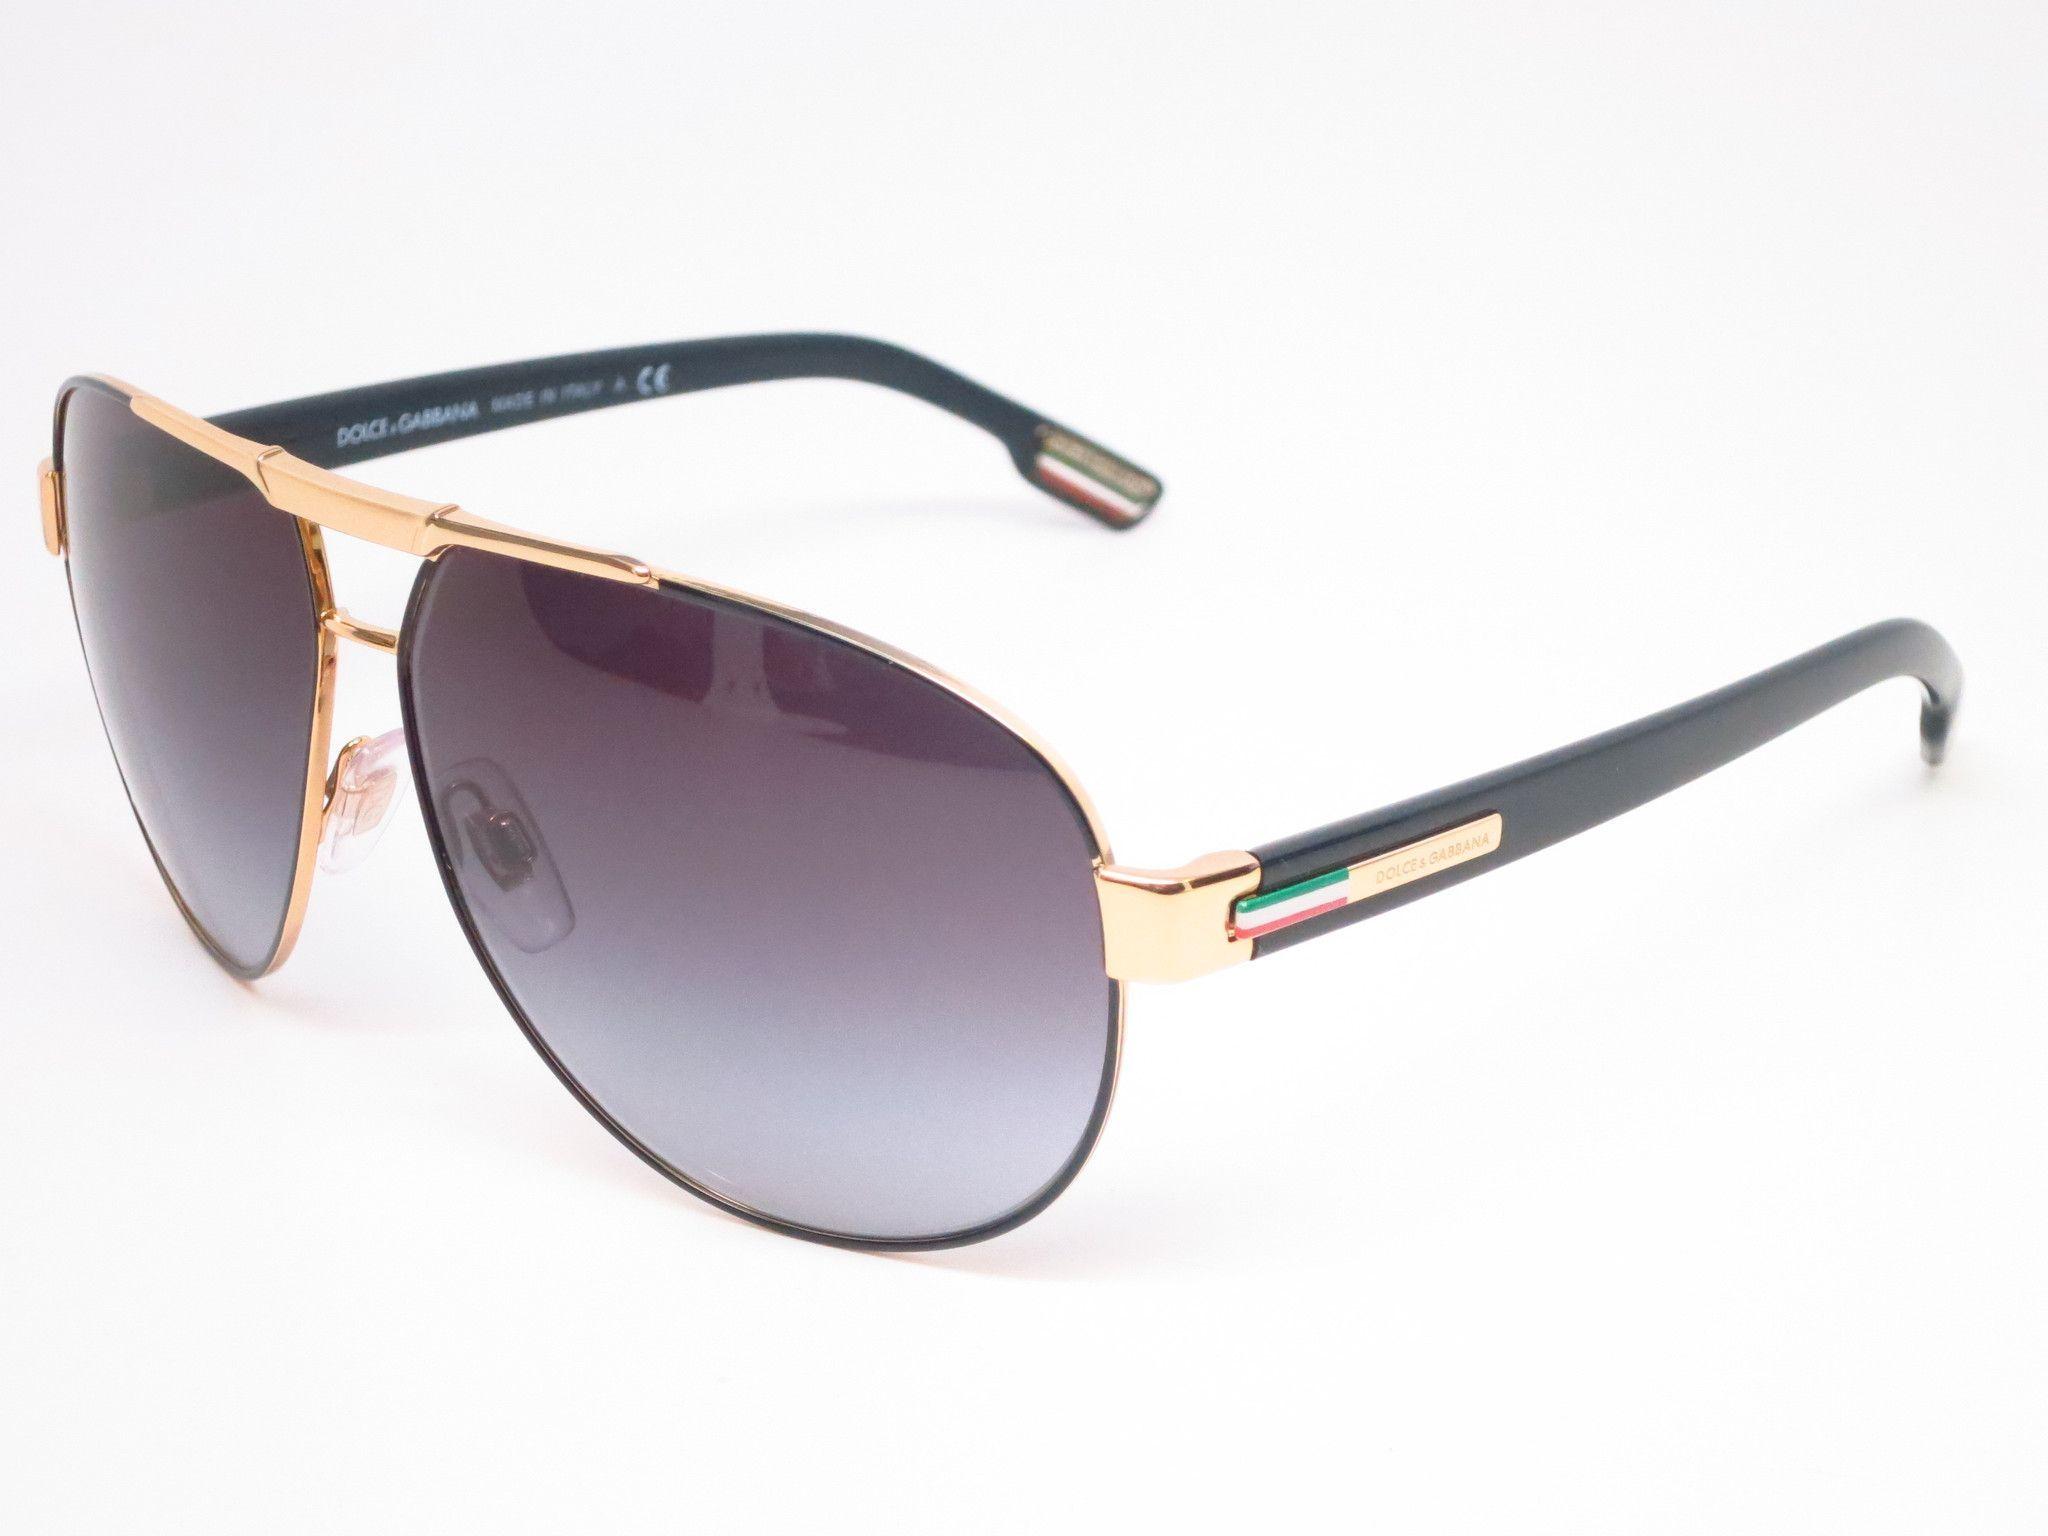 8da6e10ad98 Dolce & Gabbana DG 2099 Product Details Model Number : DG 2099 Gender :  Mens Color Code : 1081/8G Frame Color : Gold/Black Lens Color : Grey  Gradient ...